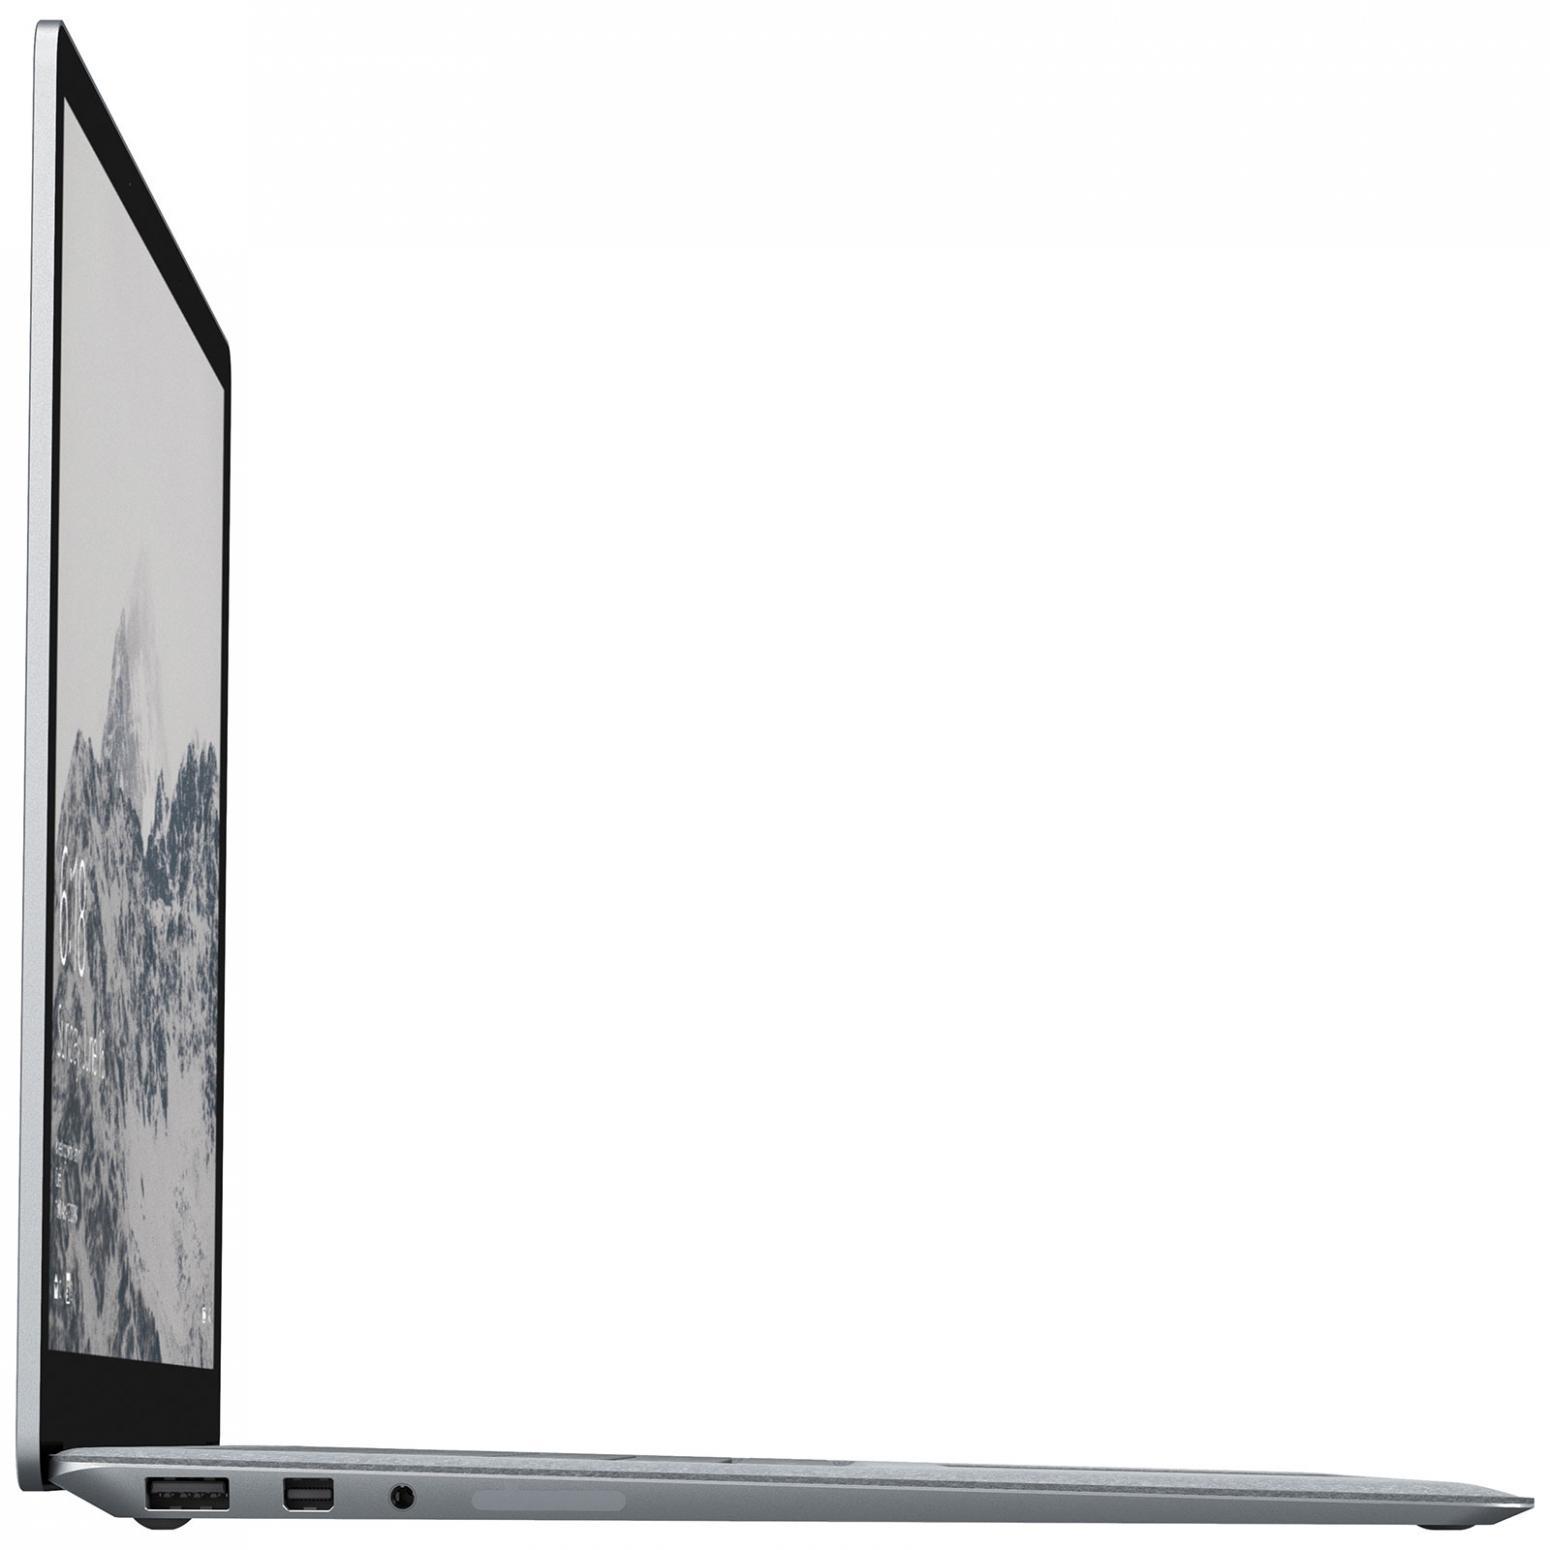 Ordinateur portable Microsoft Surface Laptop - Core i5, 8 Go, 128 Go tactile - photo 2